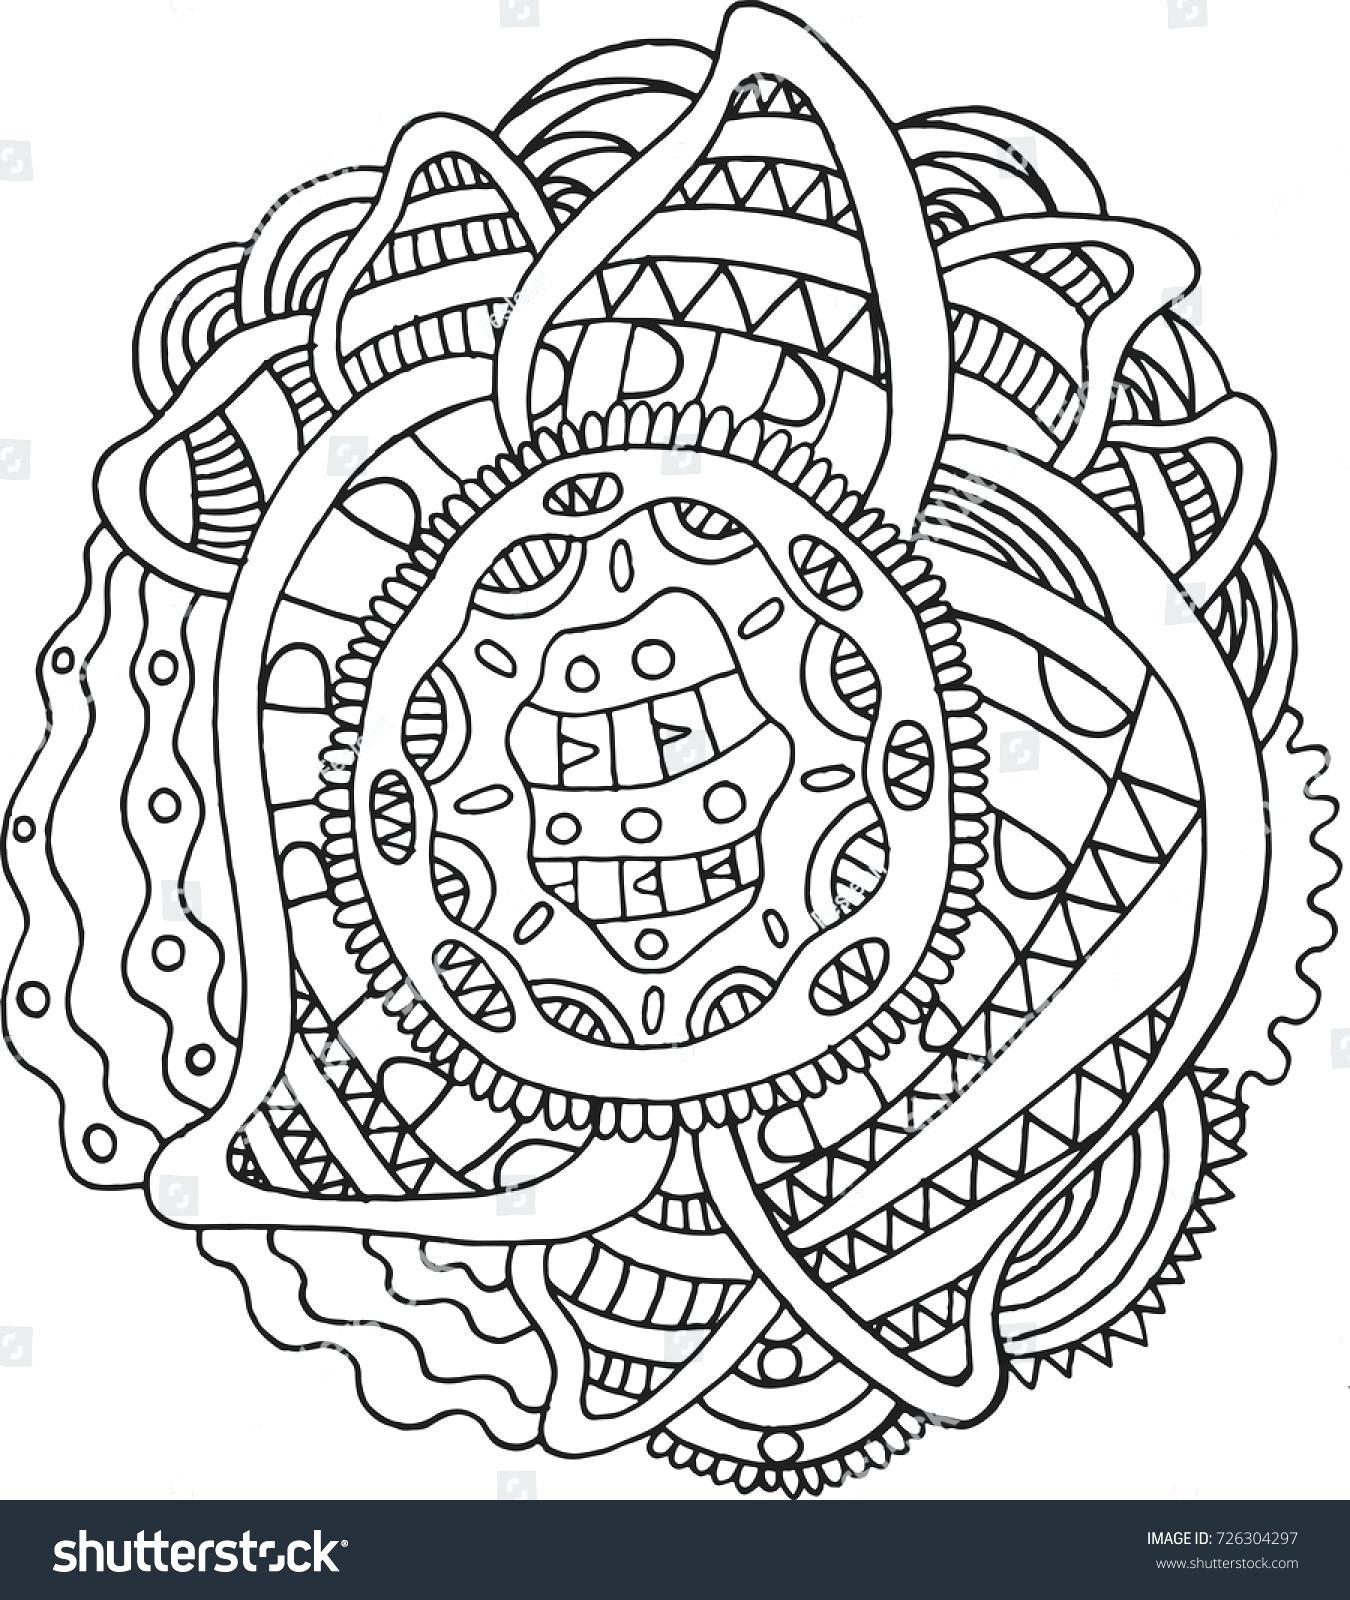 1350x1600 Coloring Mandala Meditation Coloring Pages